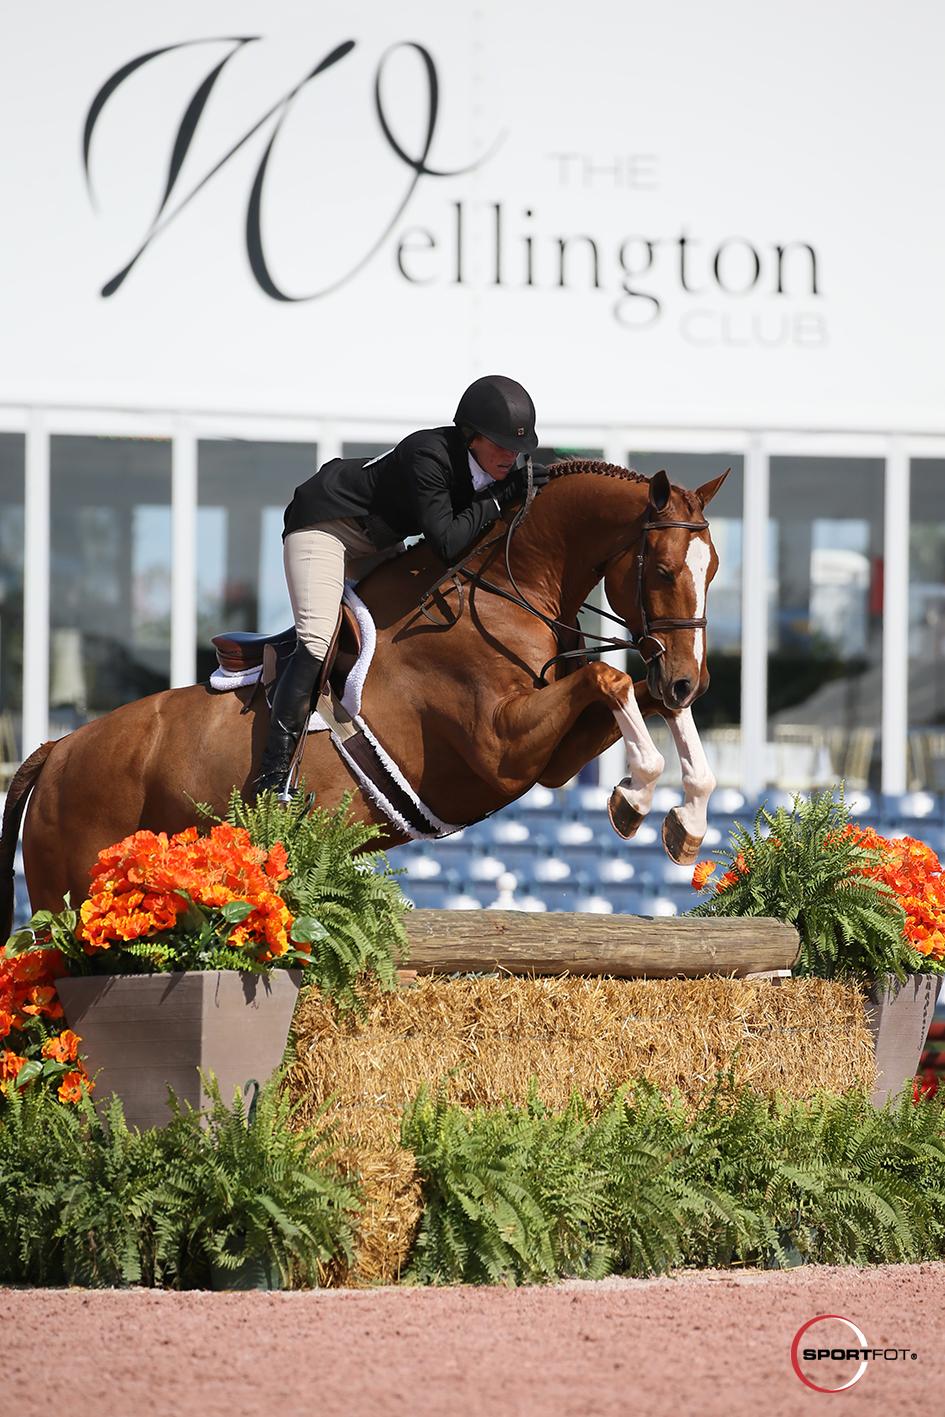 Kelley Farmer and Shameless 298_7900 Sportfot